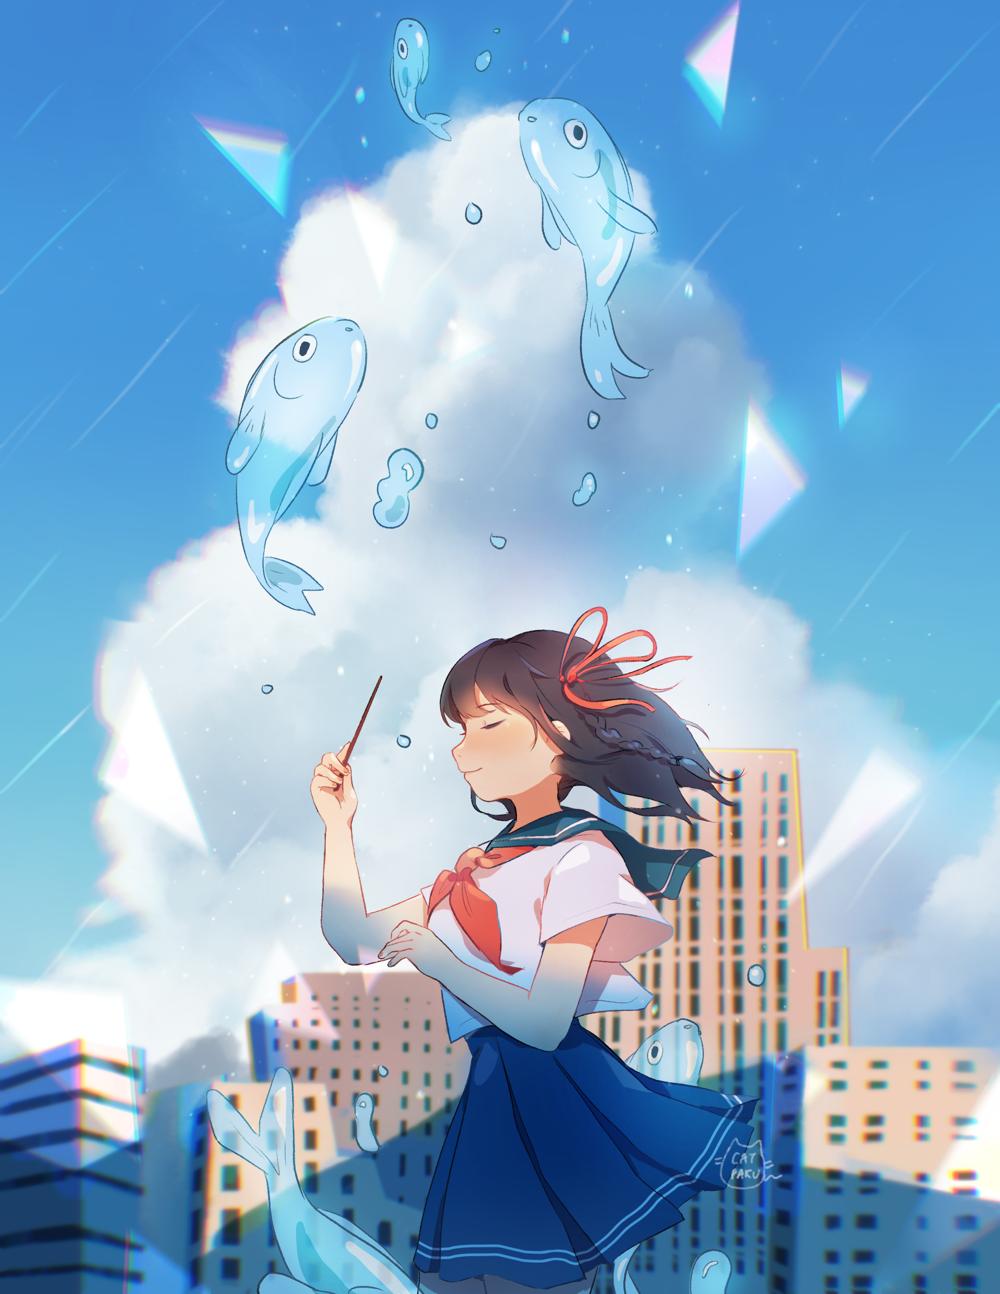 GirlsclubAsia-Artist-Paku-IMG_2047